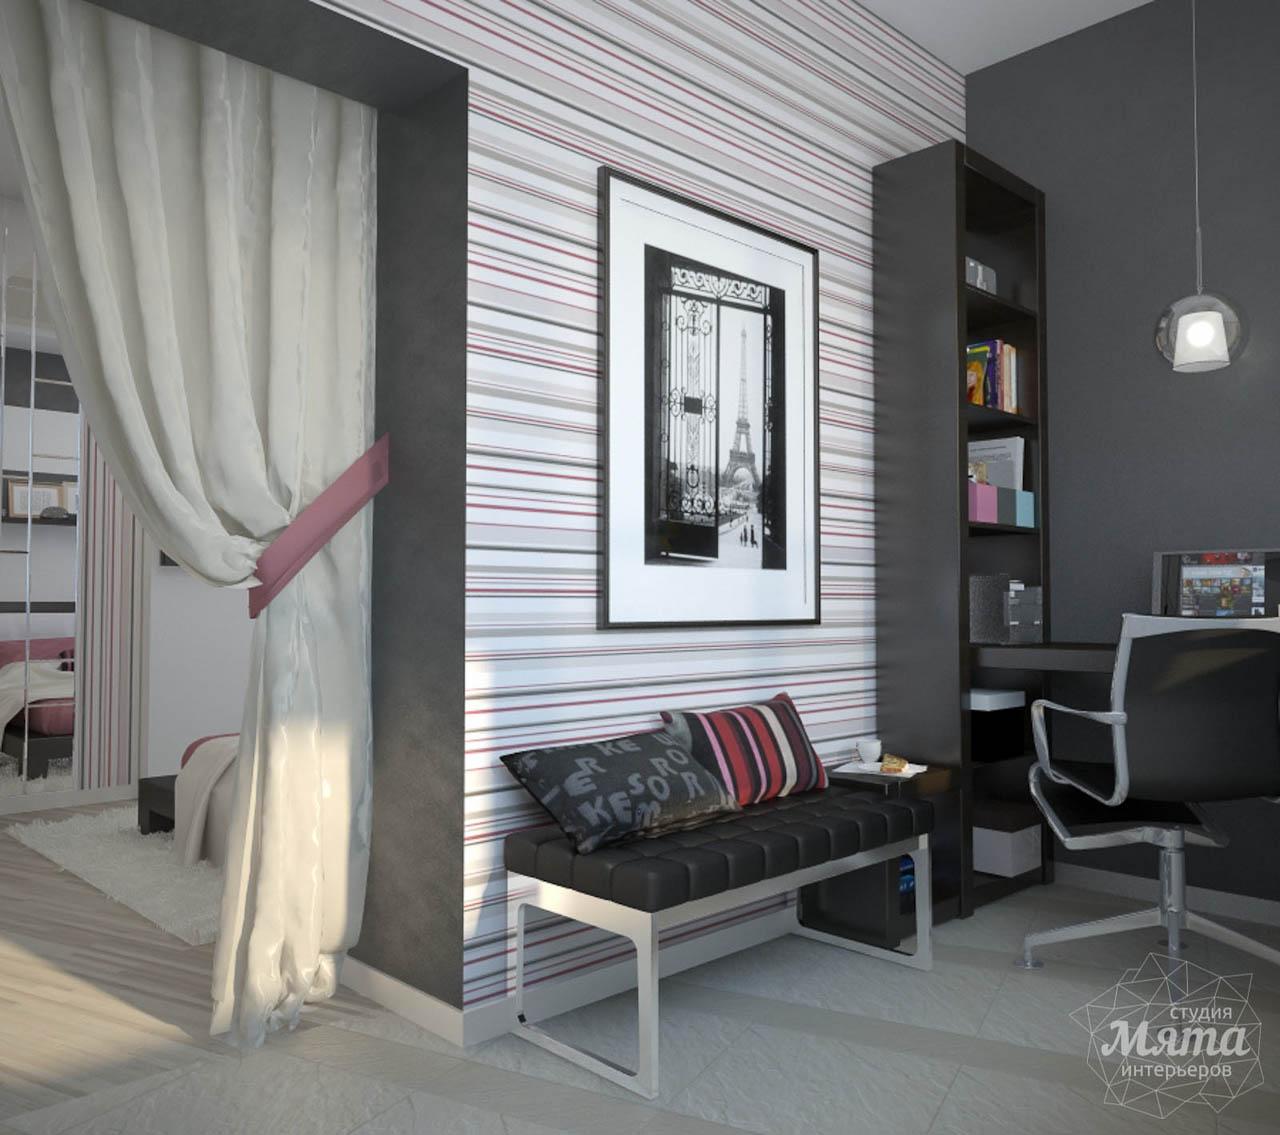 Дизайн интерьера и ремонт трехкомнатной квартиры по ул. Попова 33а img488296080